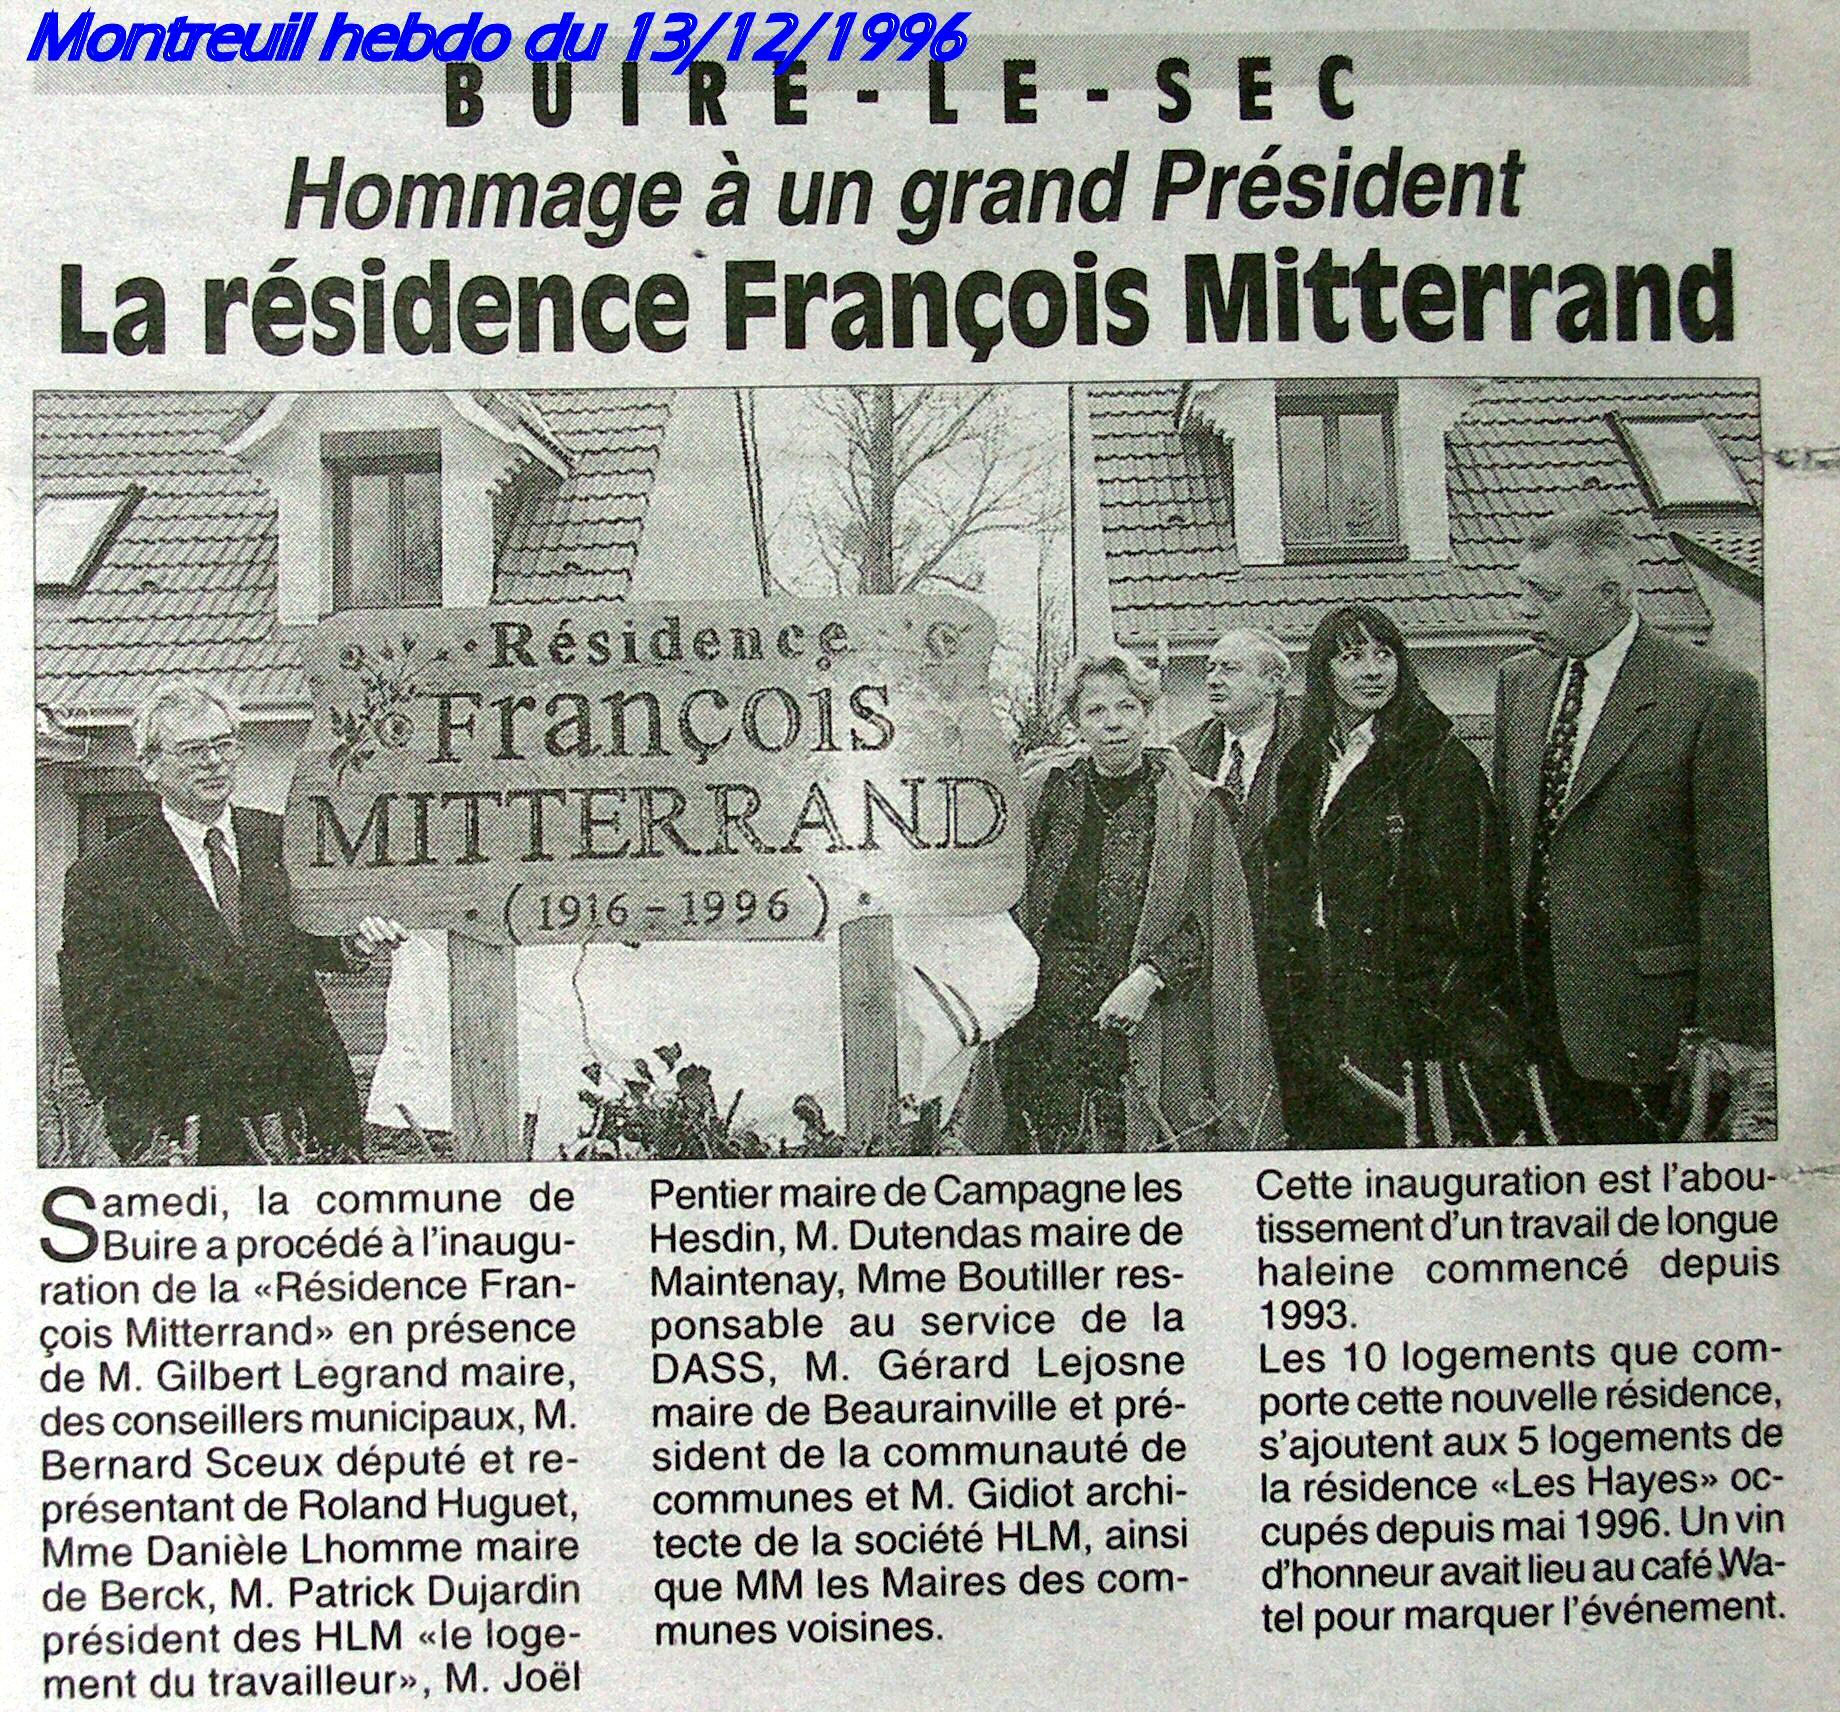 res-mitterrand-montreuil-hebdo-du-13-dec-96.jpg